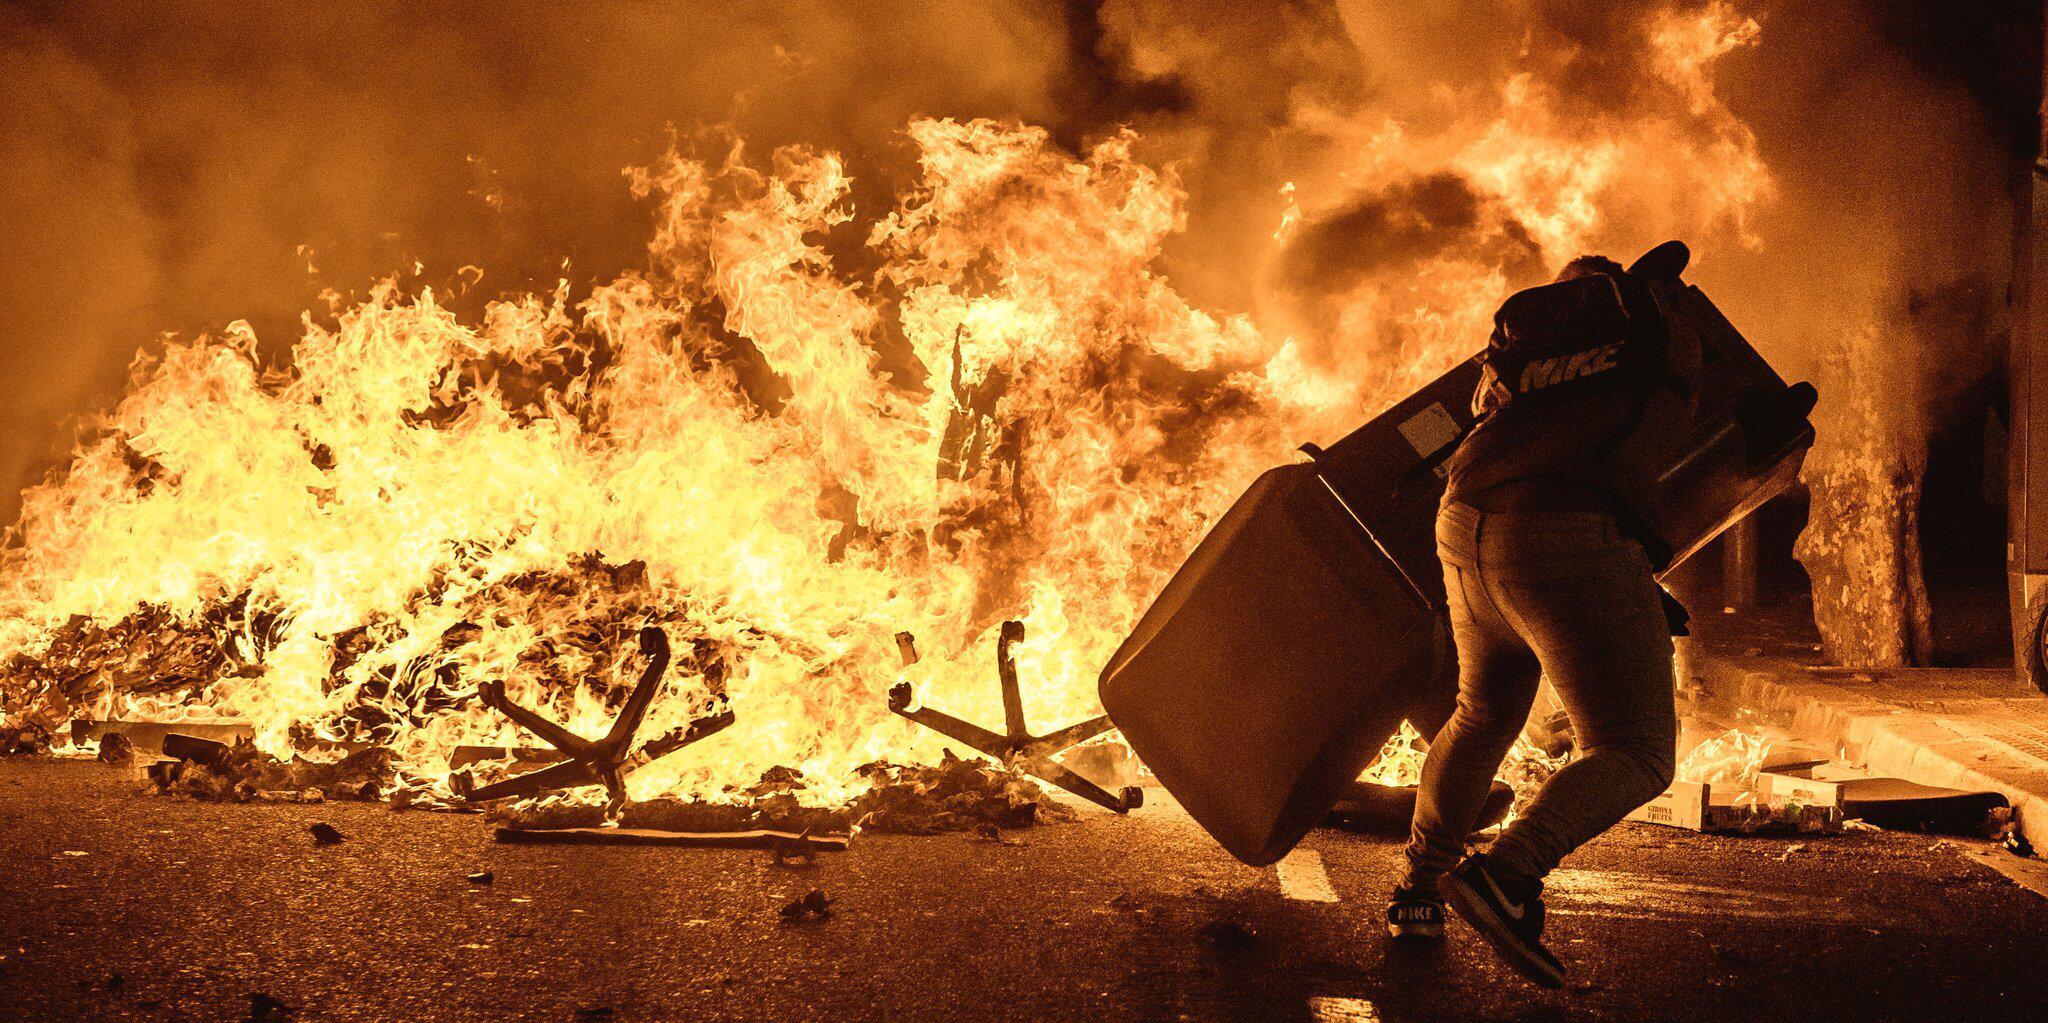 Bild zu Katalanische Separatistenführer verurteilt